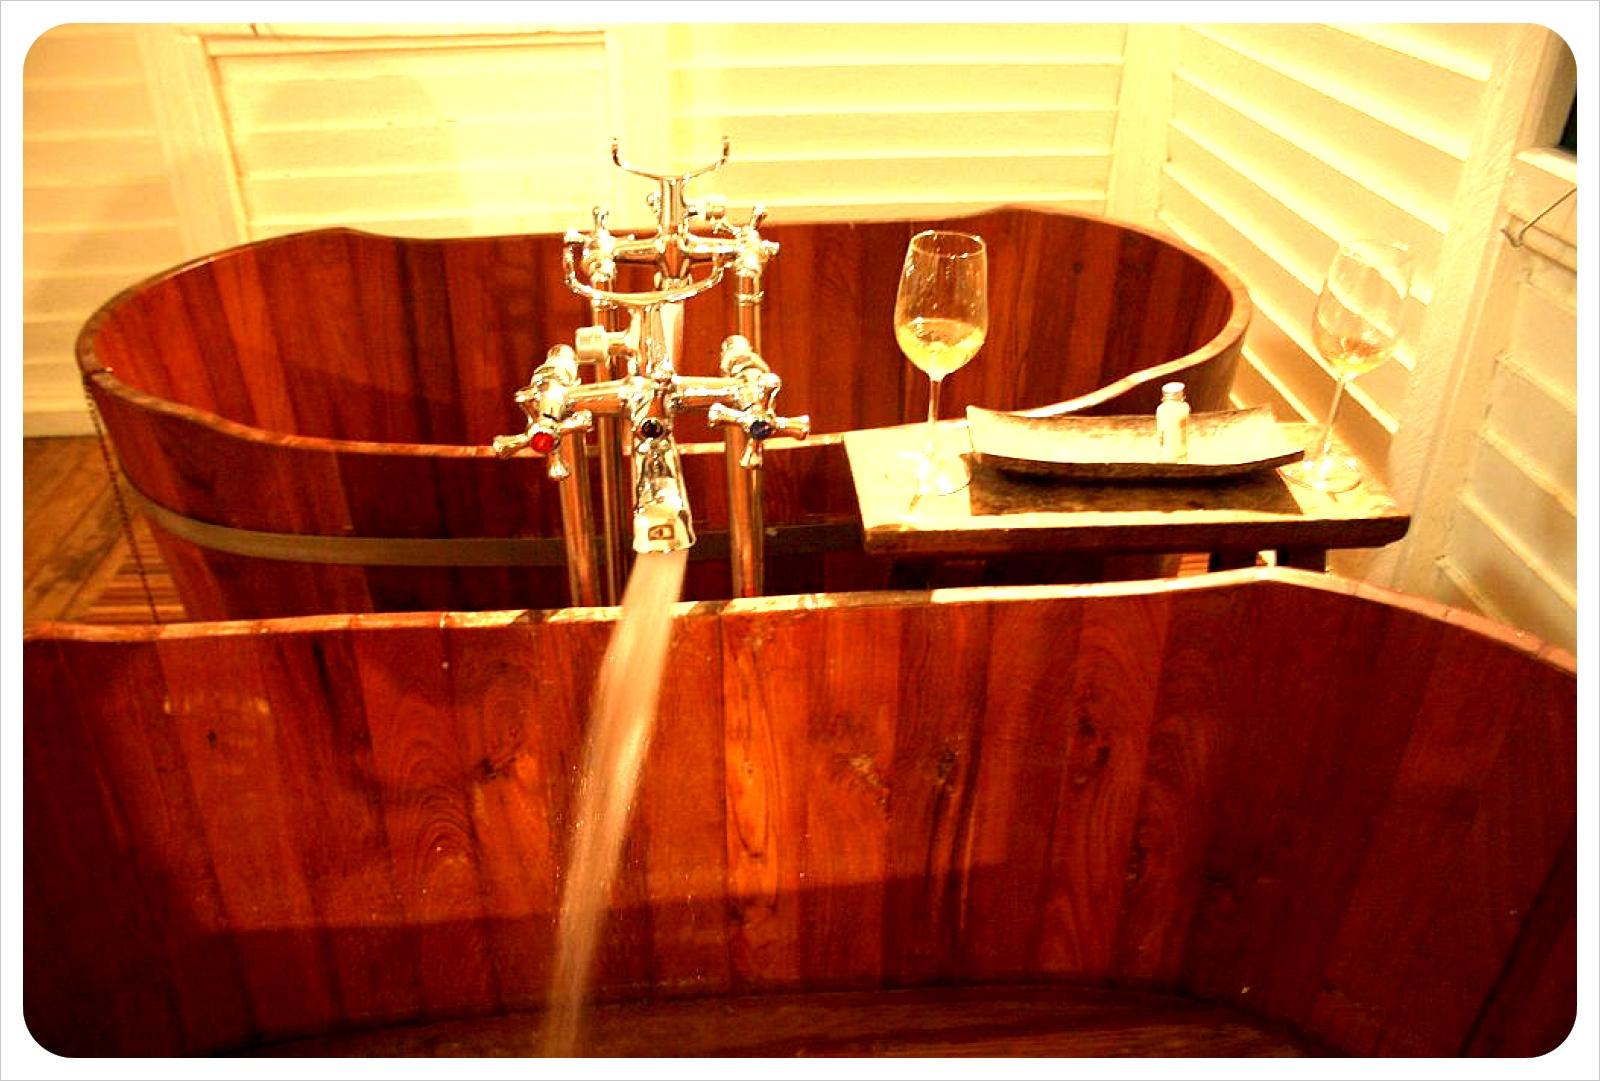 temple tree bathtubs & wine